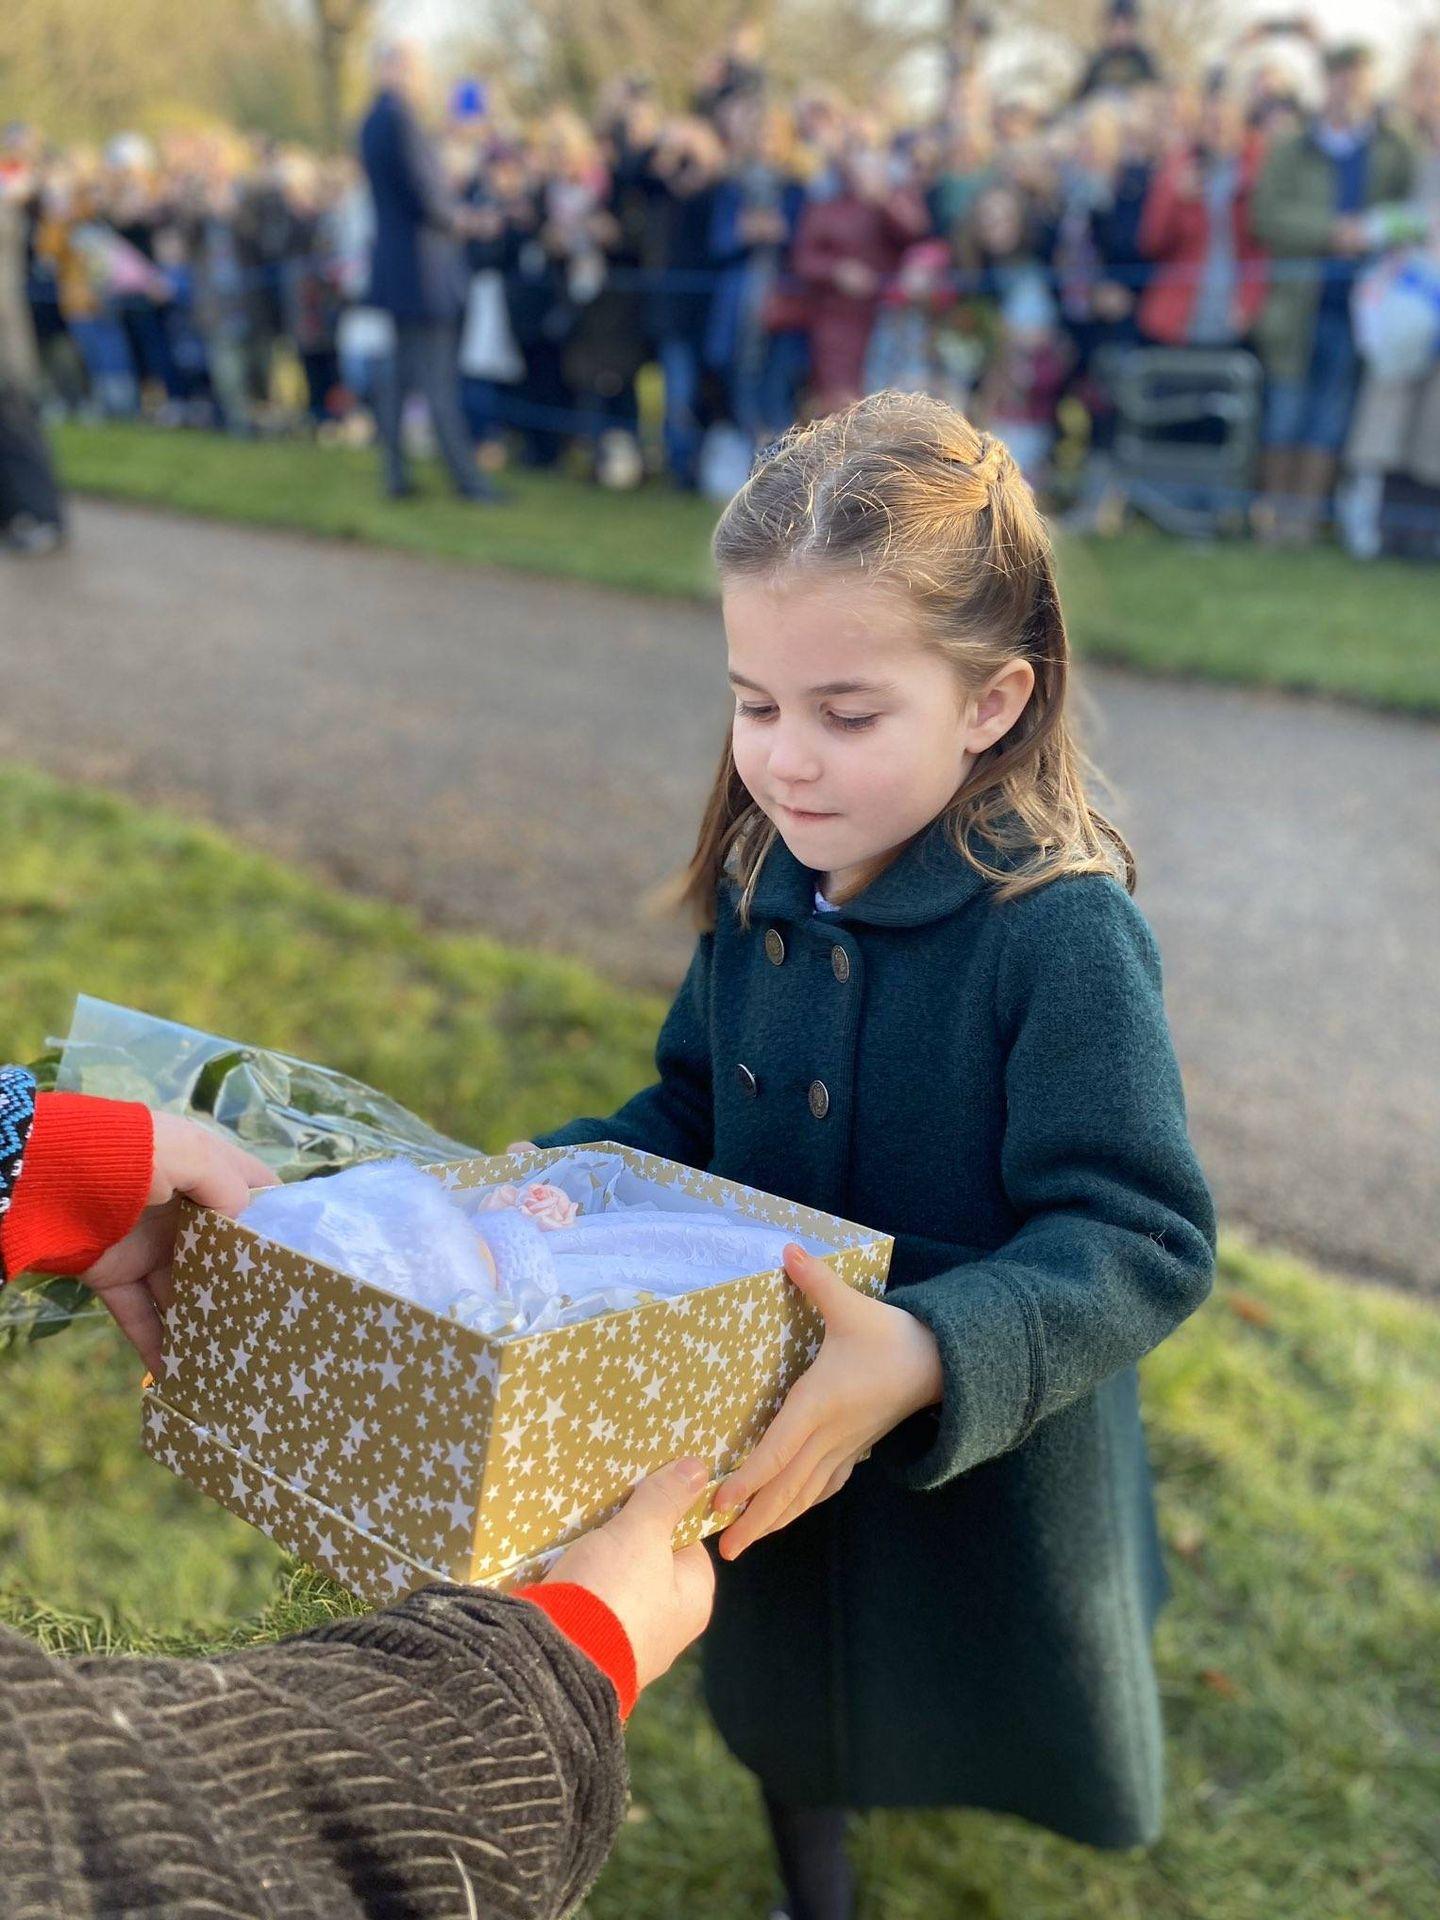 La princesa Charlotte, recibiendo uno de los regalos. (Twitter: @anvilius)